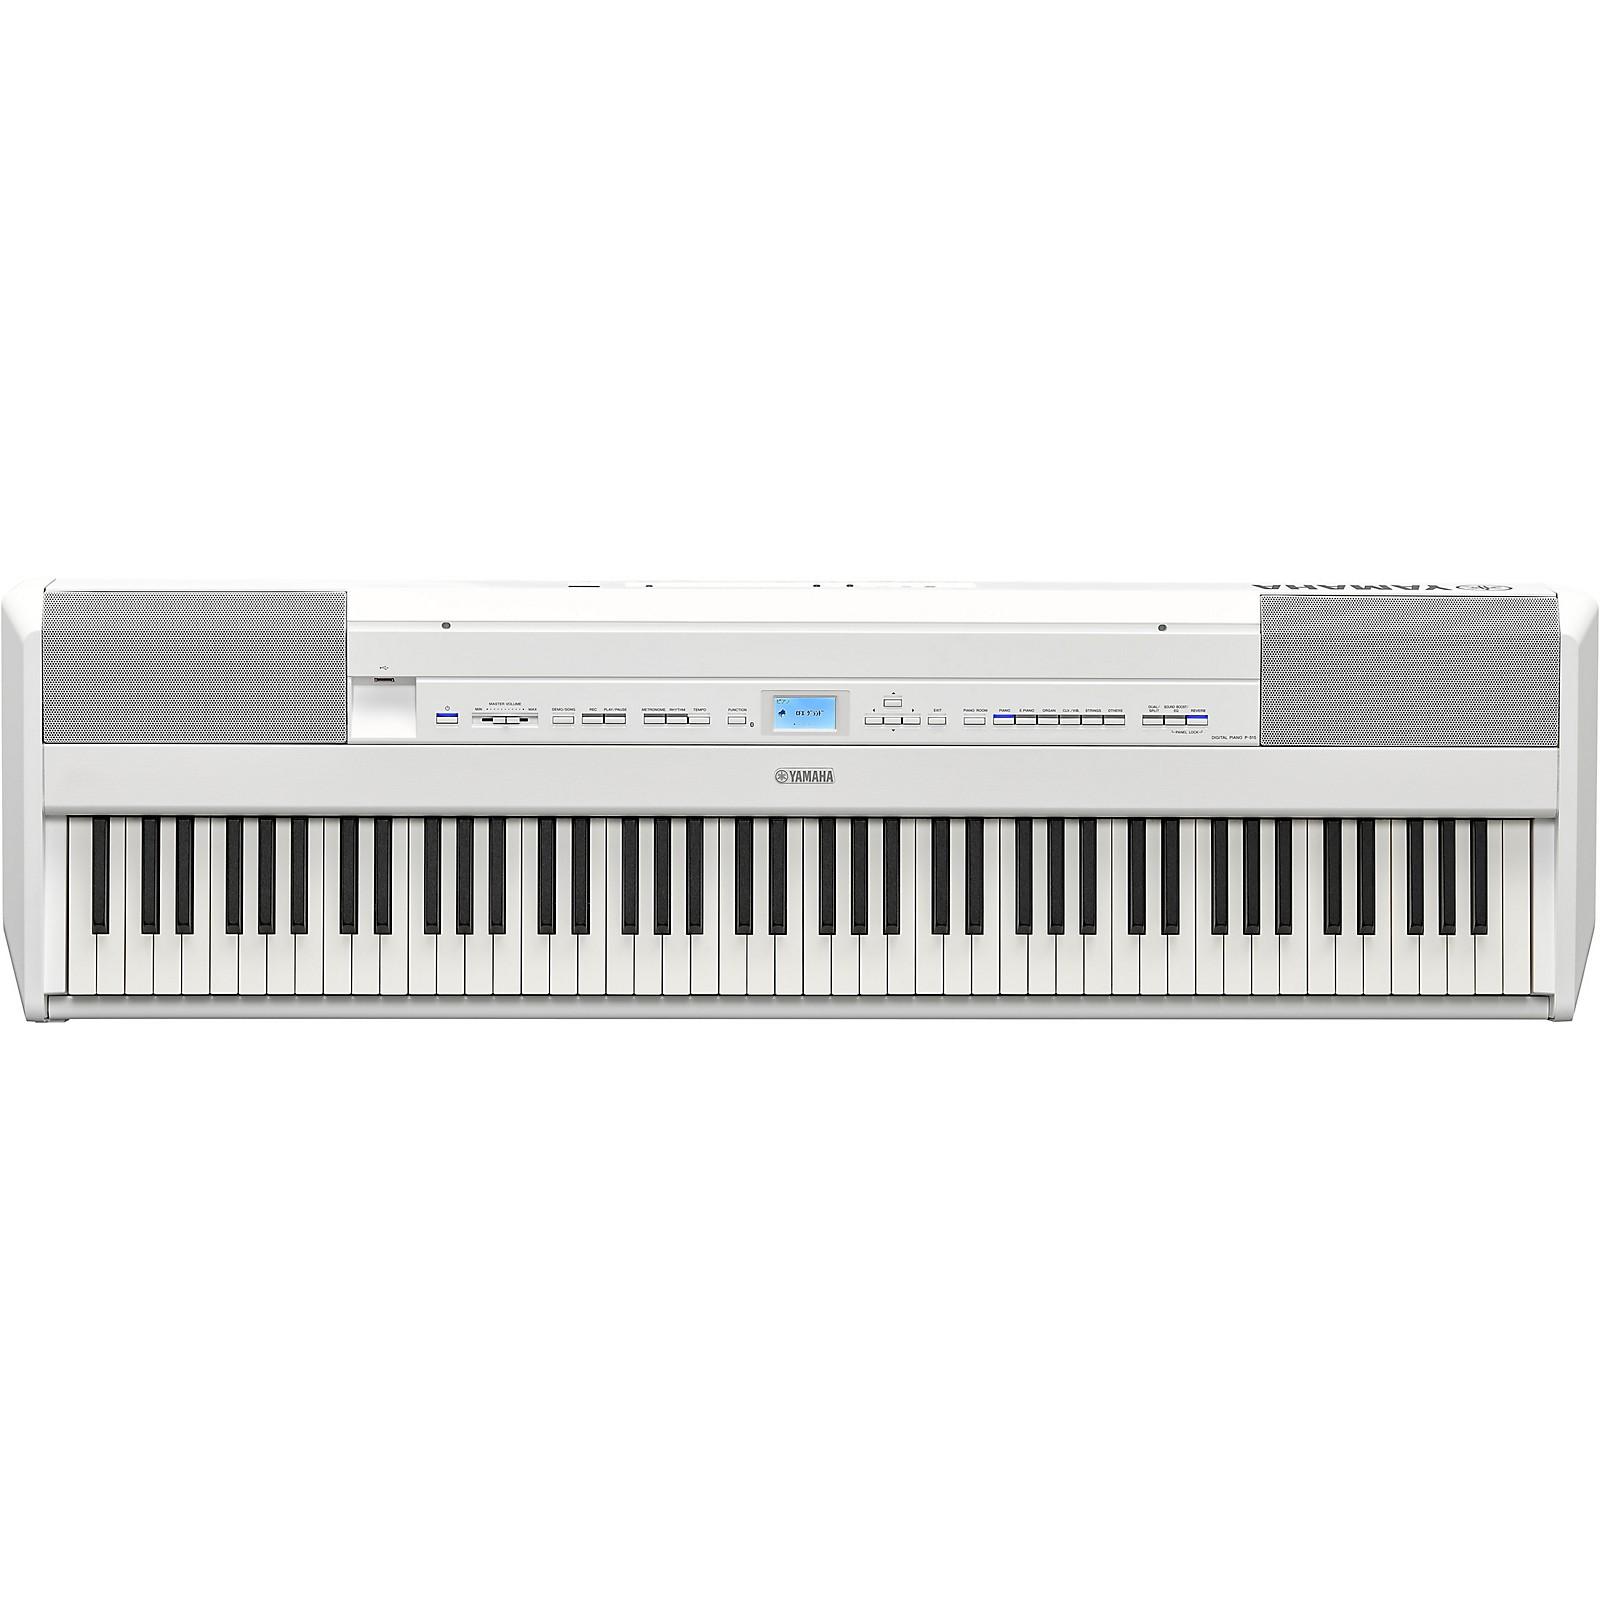 Yamaha P-515 Digital Piano White